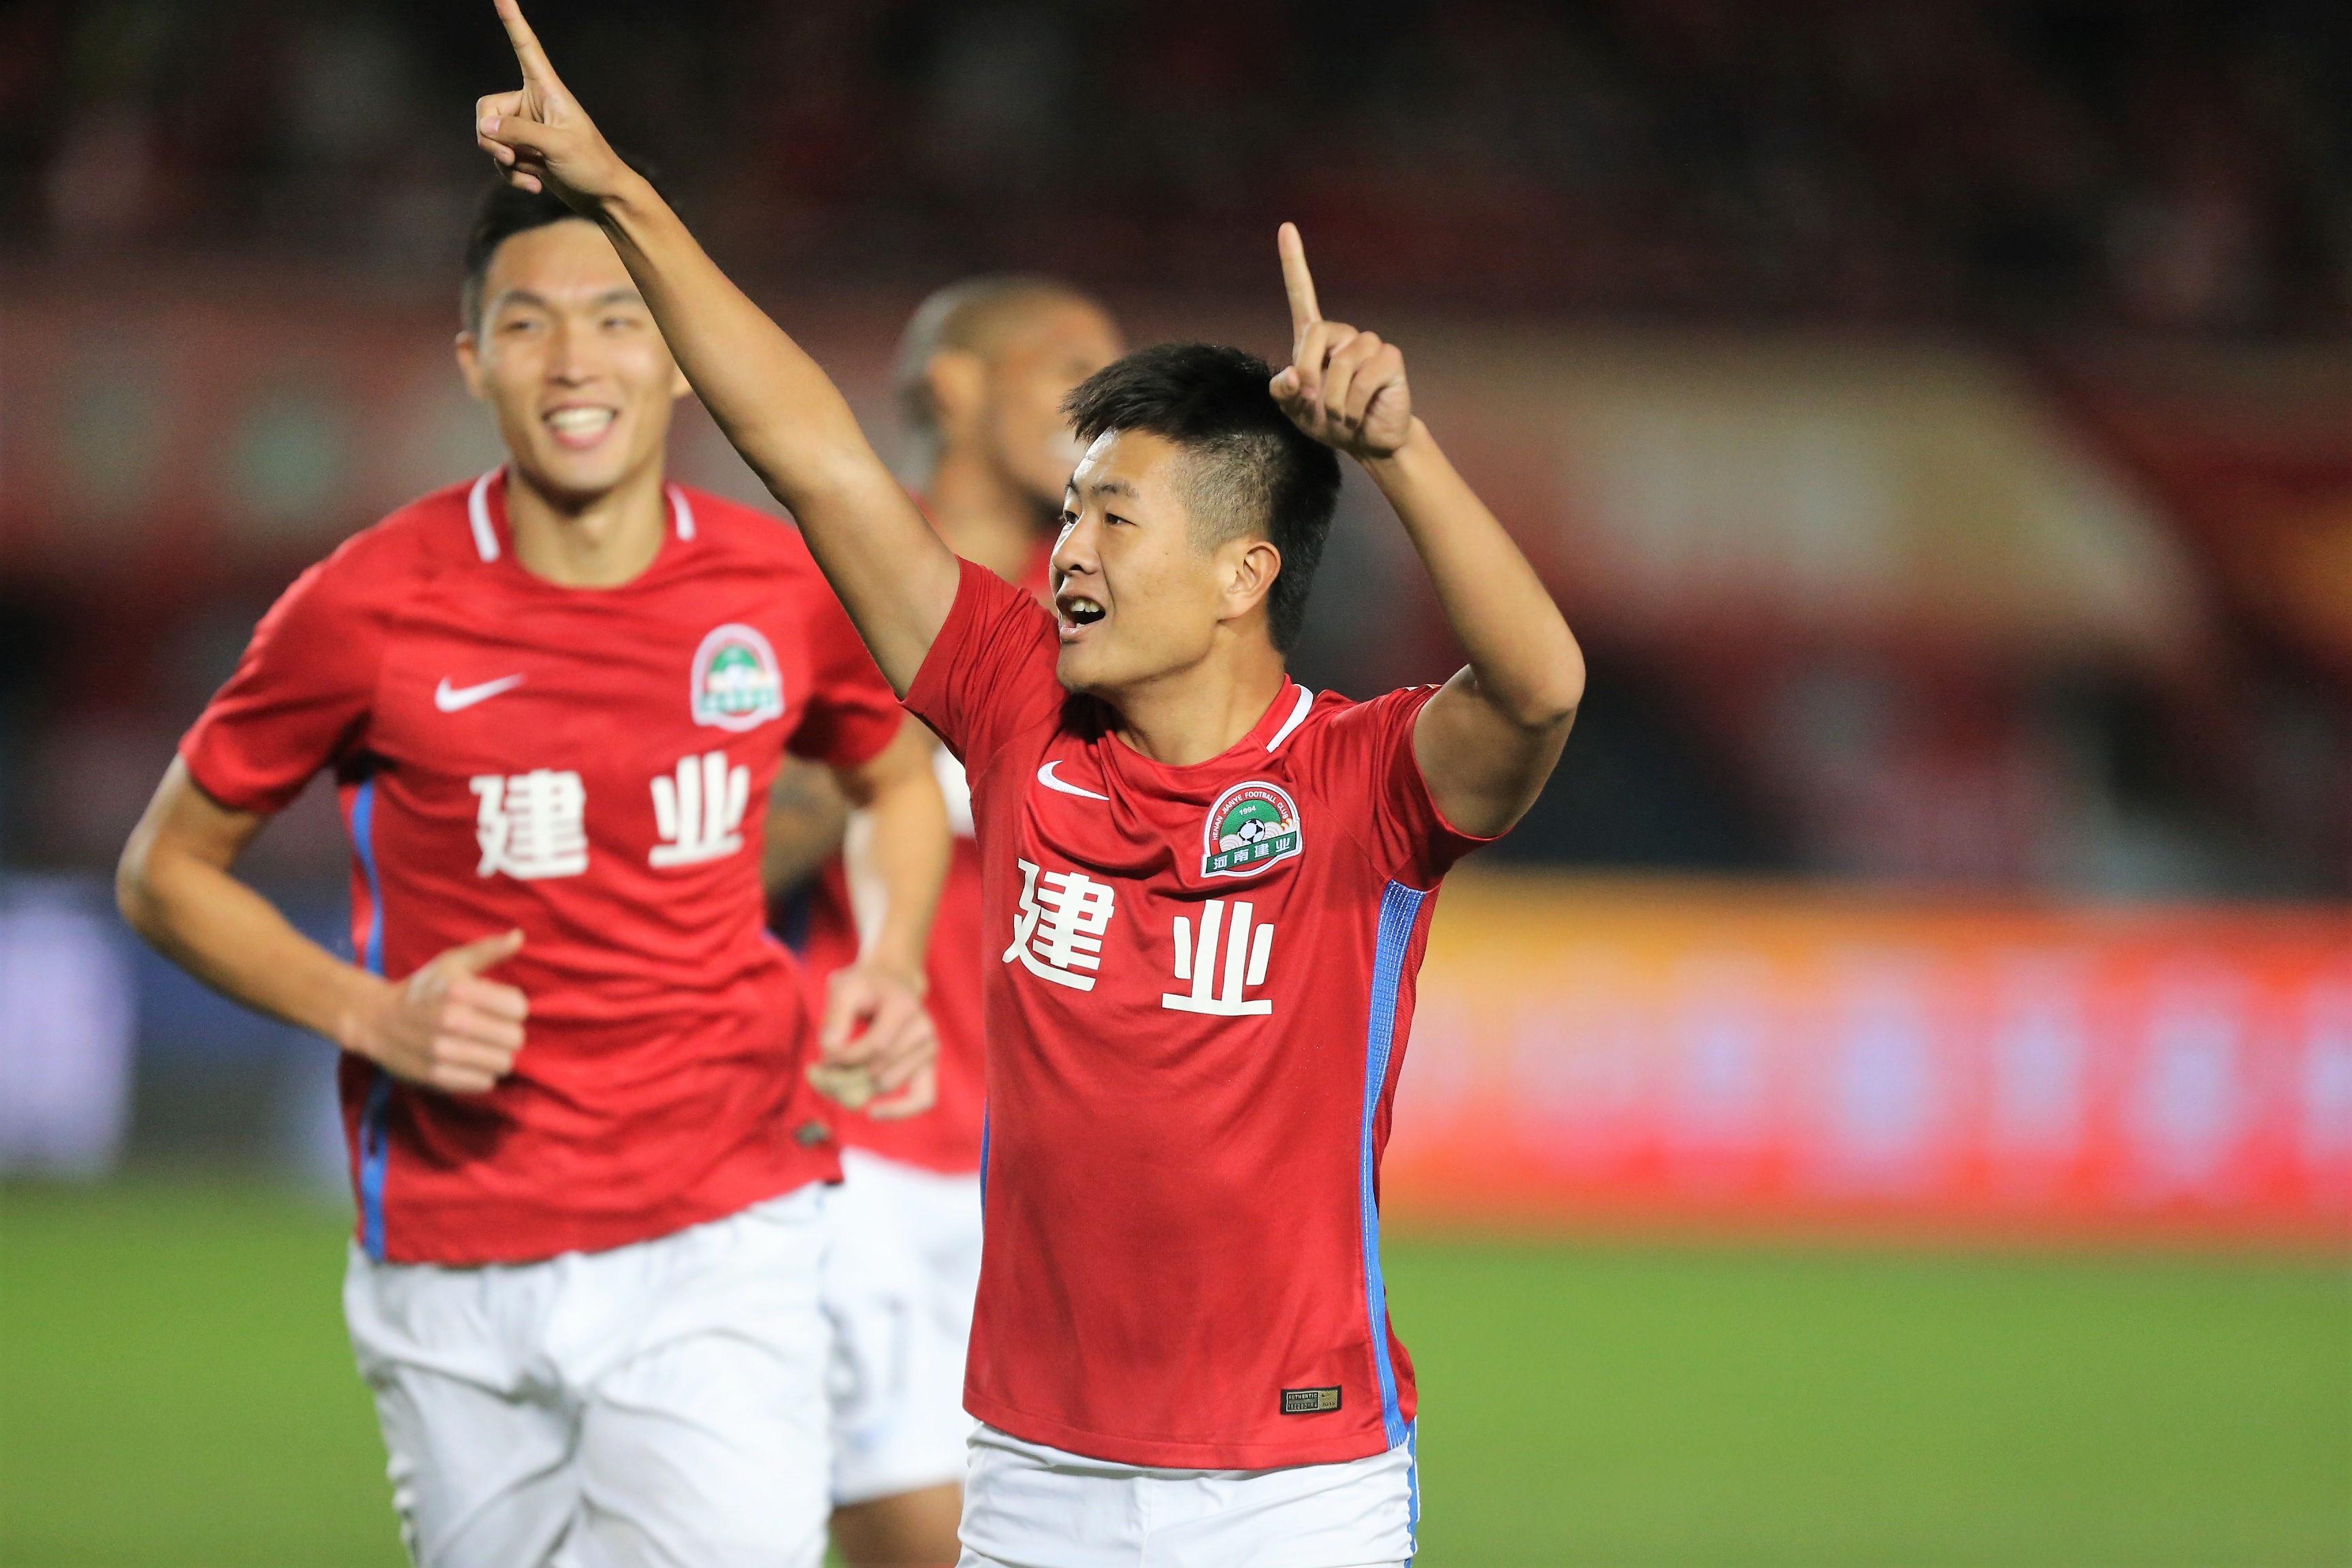 郑州日报:嵩山龙门多名离队球员再就业,杜长杰签约陕西-建业V